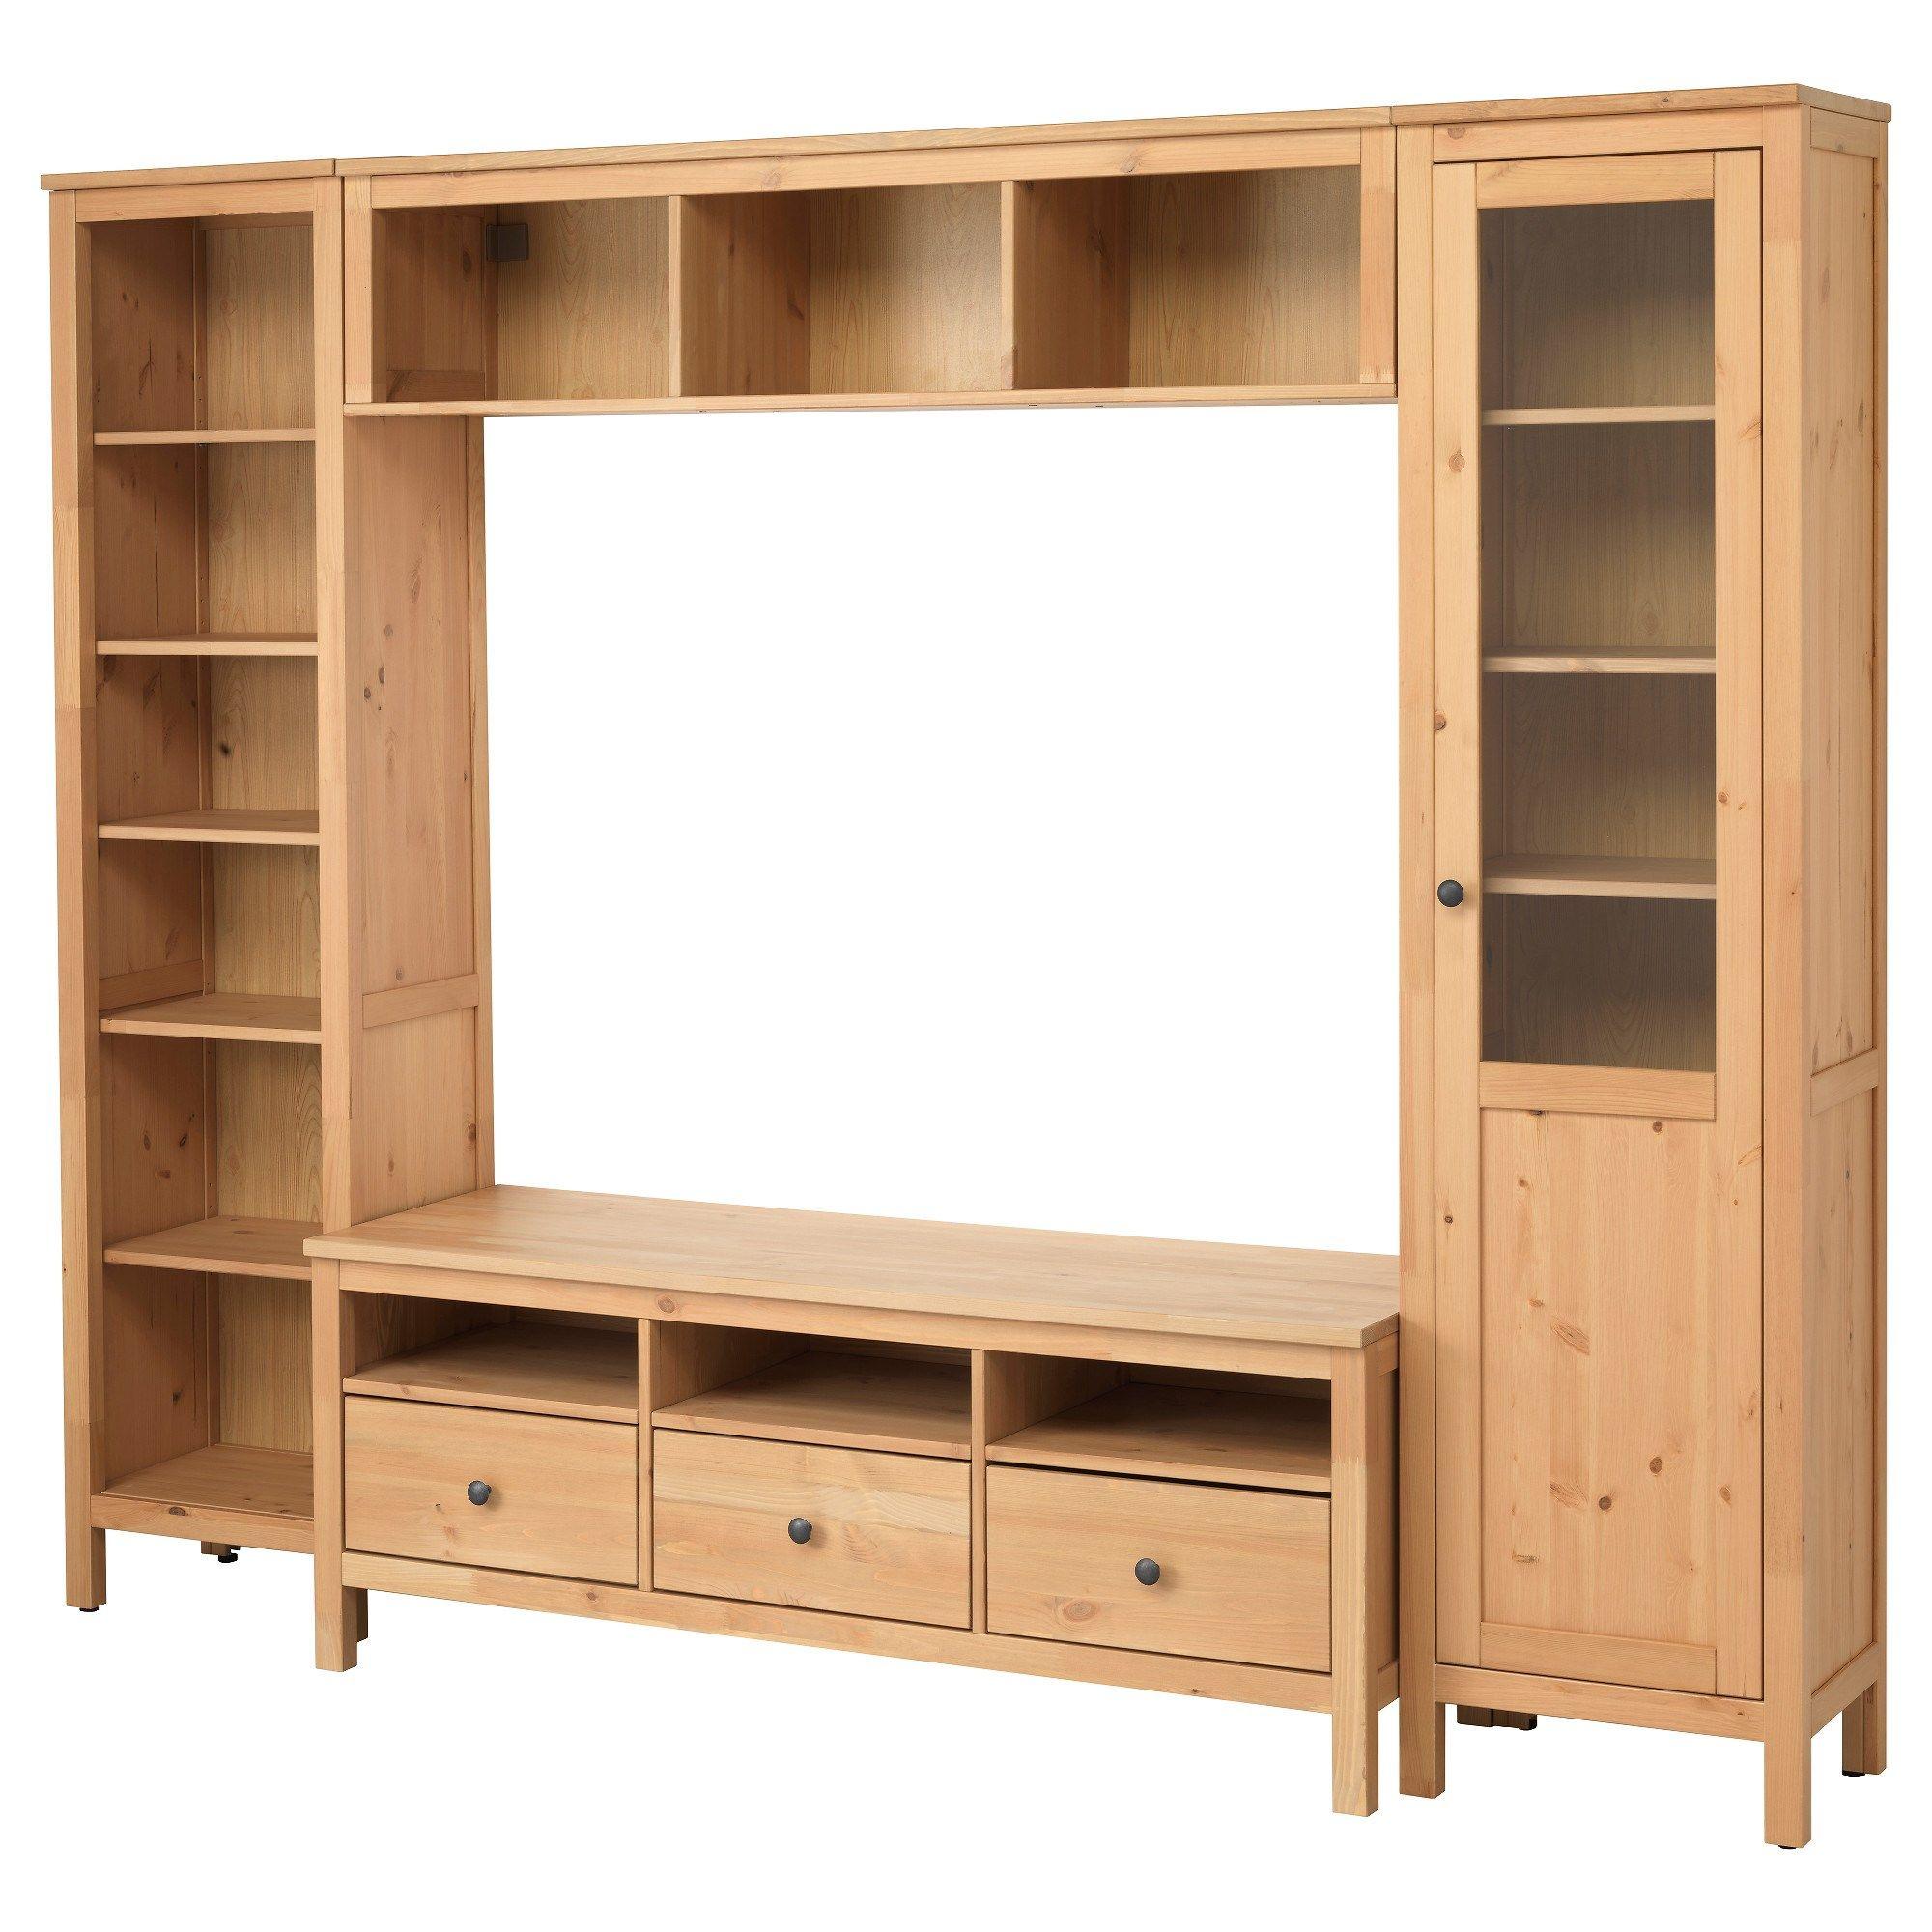 Hemnes Tv Ünitesi Açık Kahverengi 247x197 Cm   Ikea Tv Dolap Intended For Dixon White 84 Inch Tv Stands (View 2 of 30)